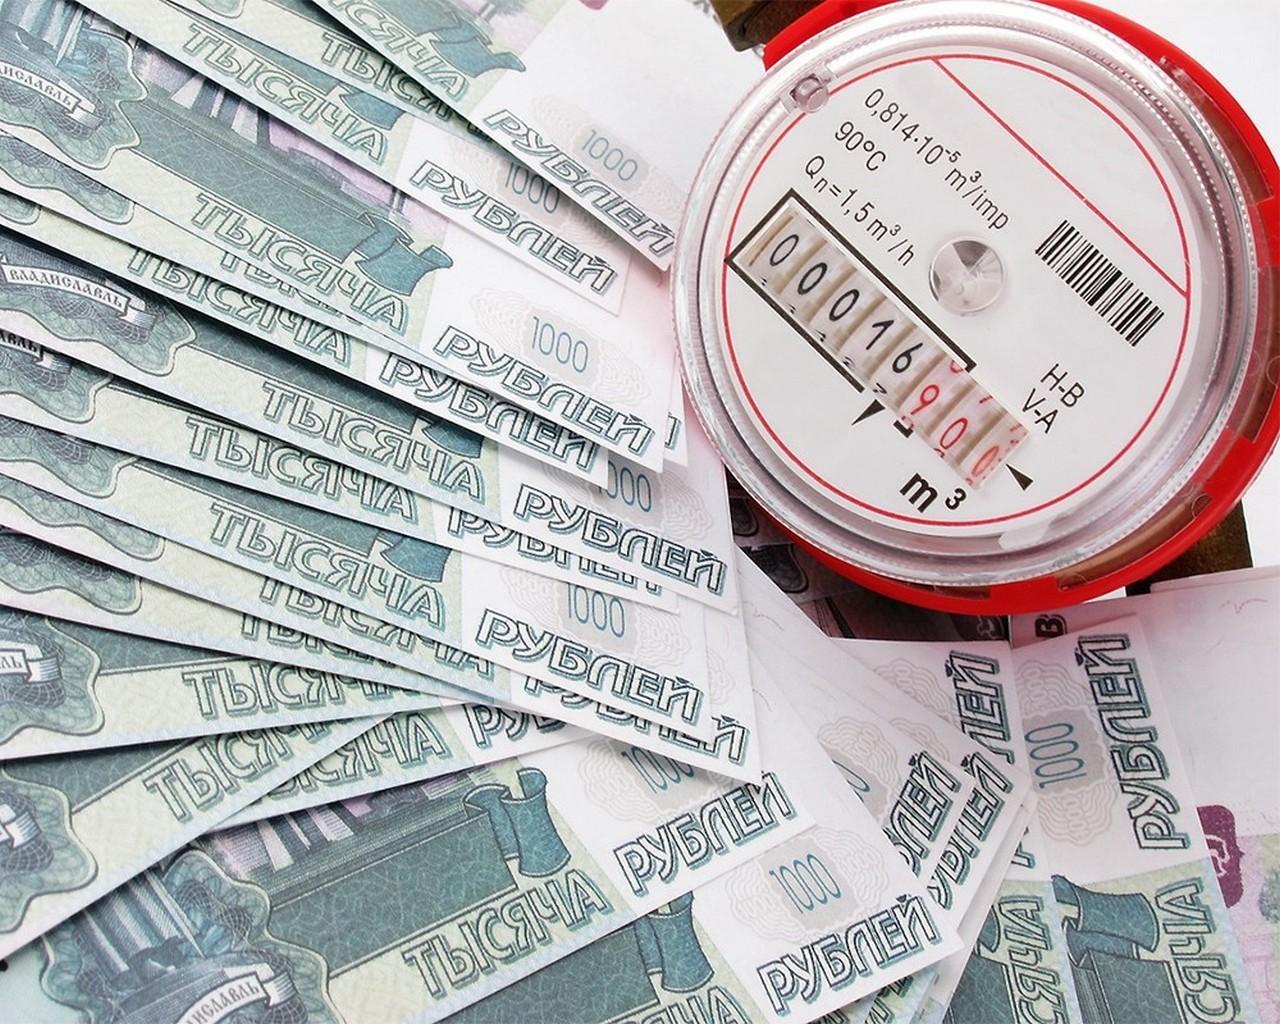 «Тюмень Водоканал»: удолжников будут списывать деньги сбанковских счетов принудительно